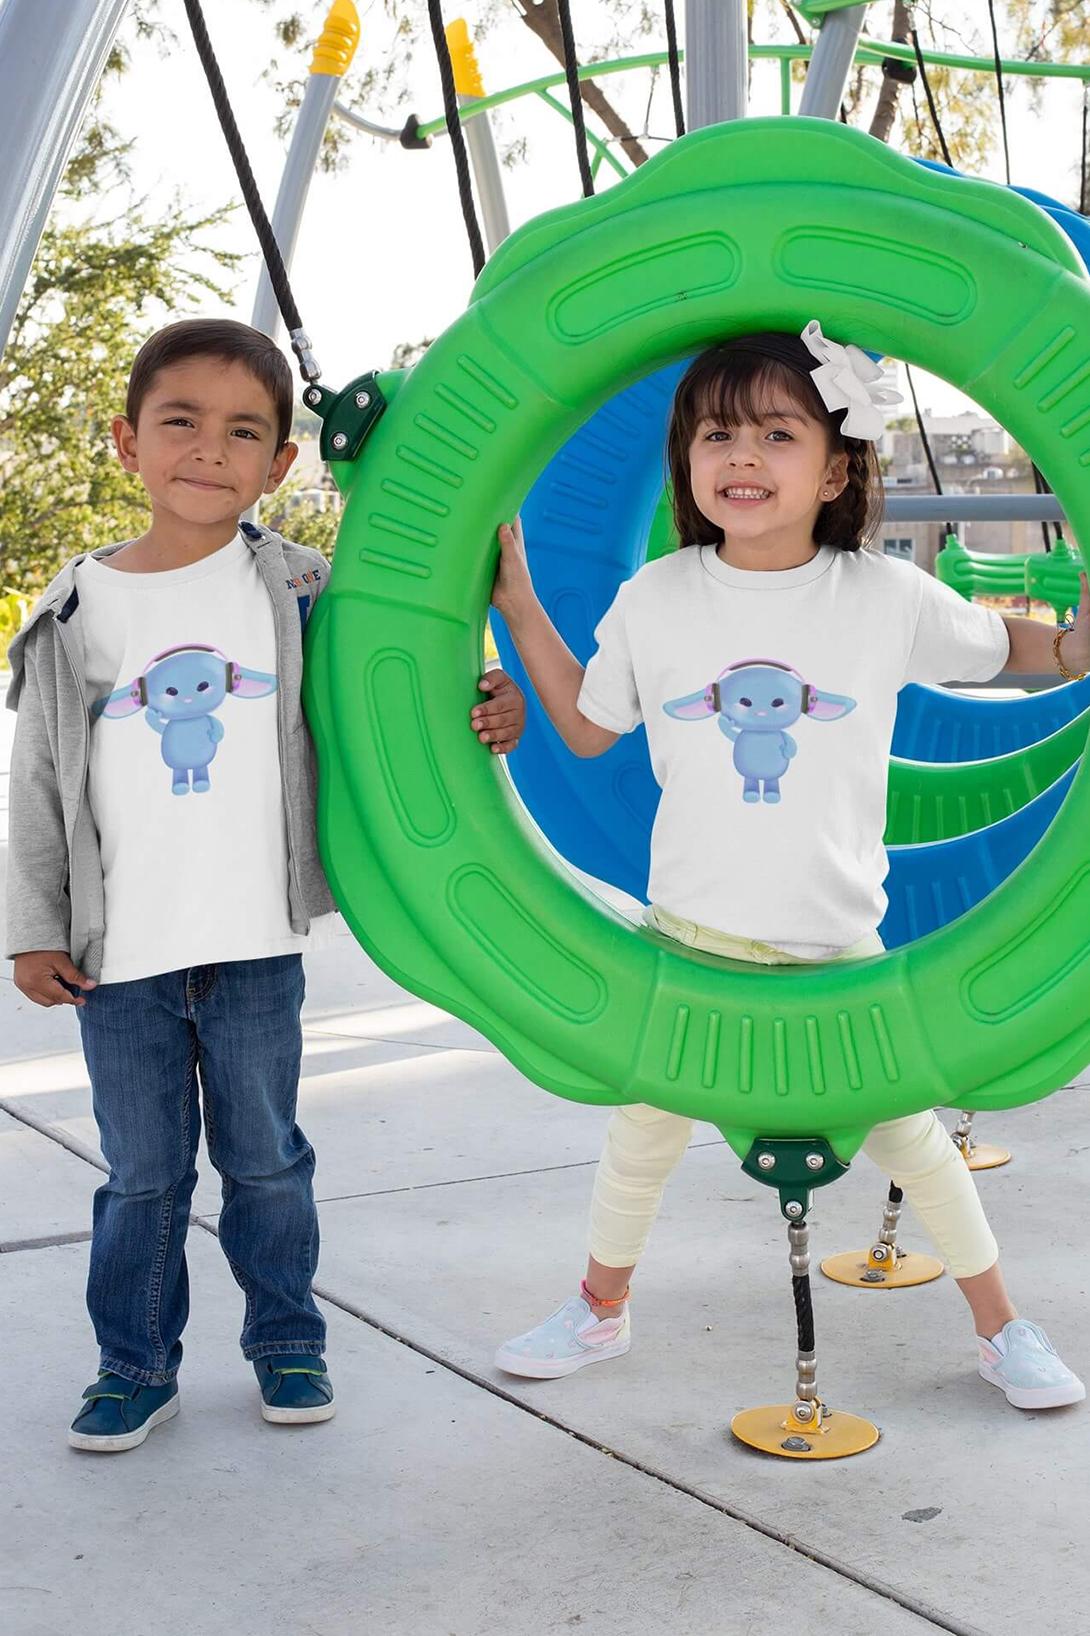 MMO Detské tričko Zajac so slúchadlami Vyberte farbu:: Biela, Detská veľkosť: 146/10 rokov